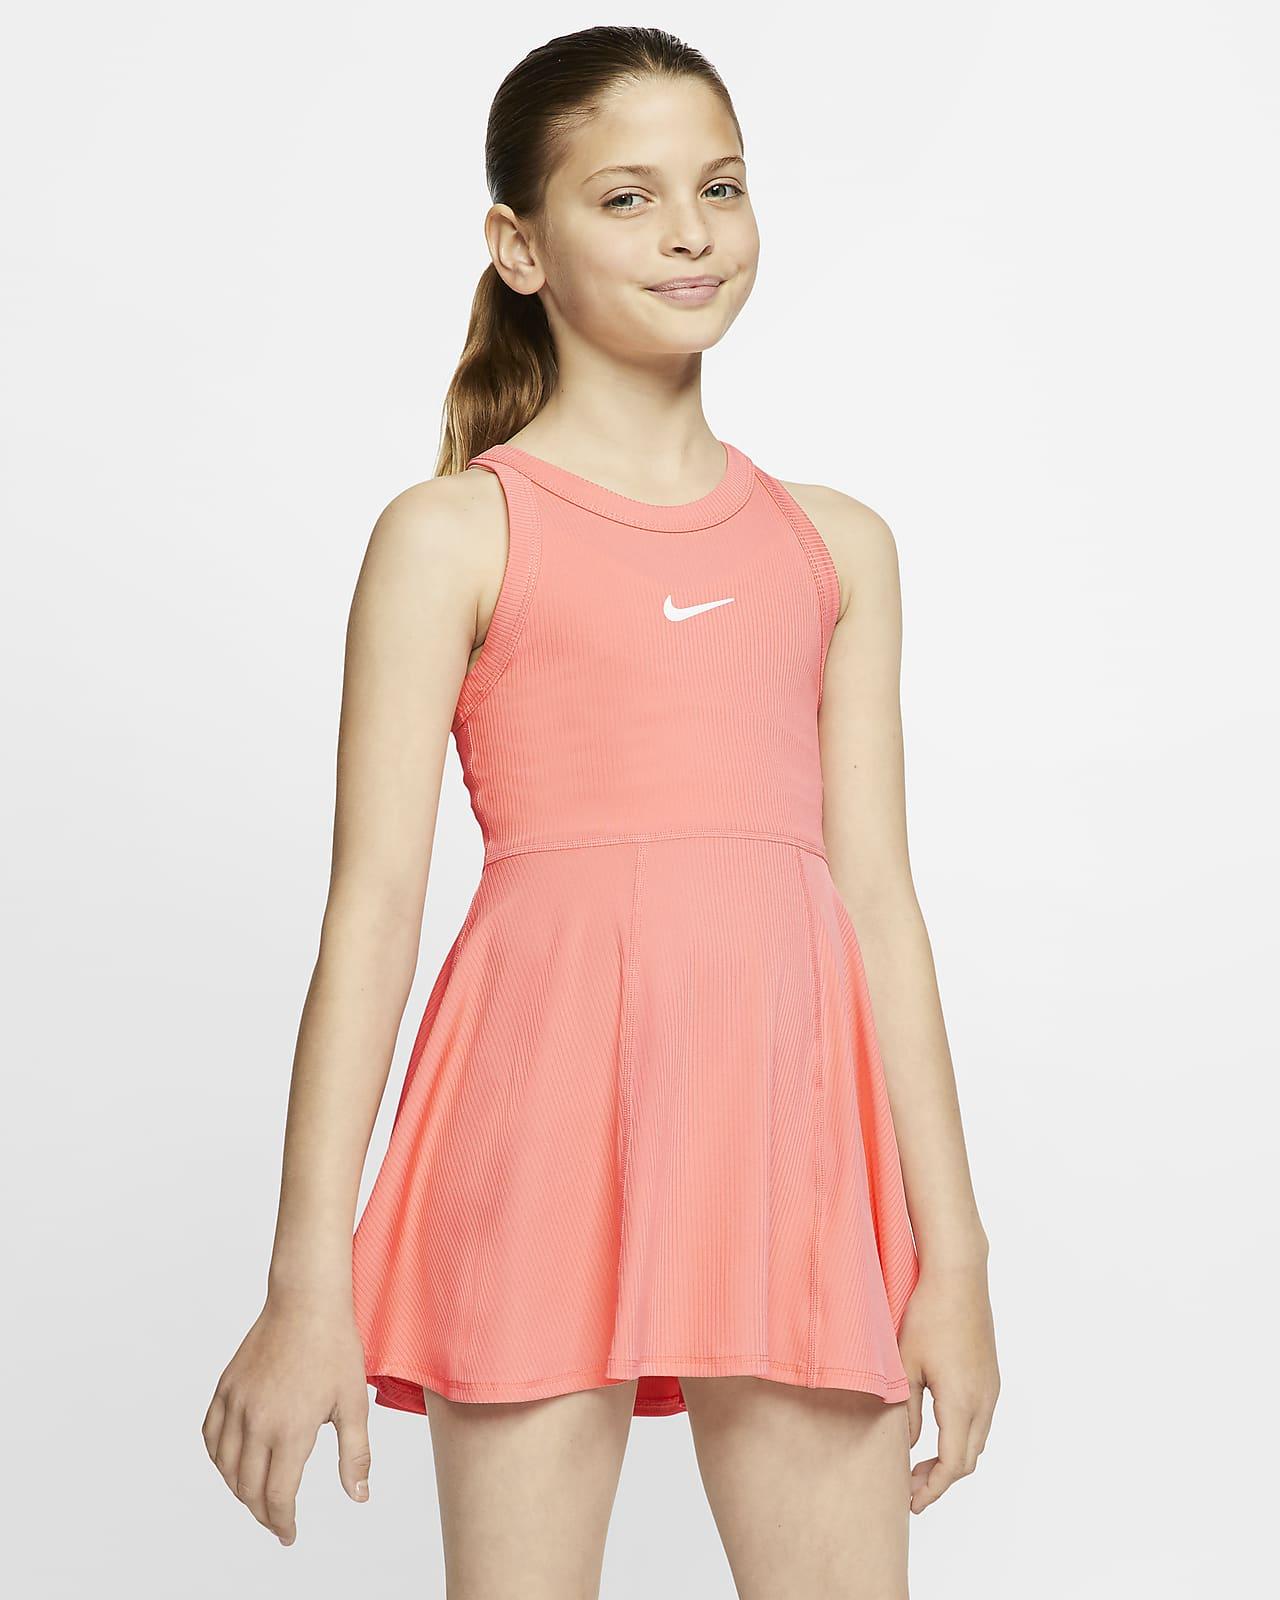 Abito da tennis NikeCourt Dri-FIT - Ragazza